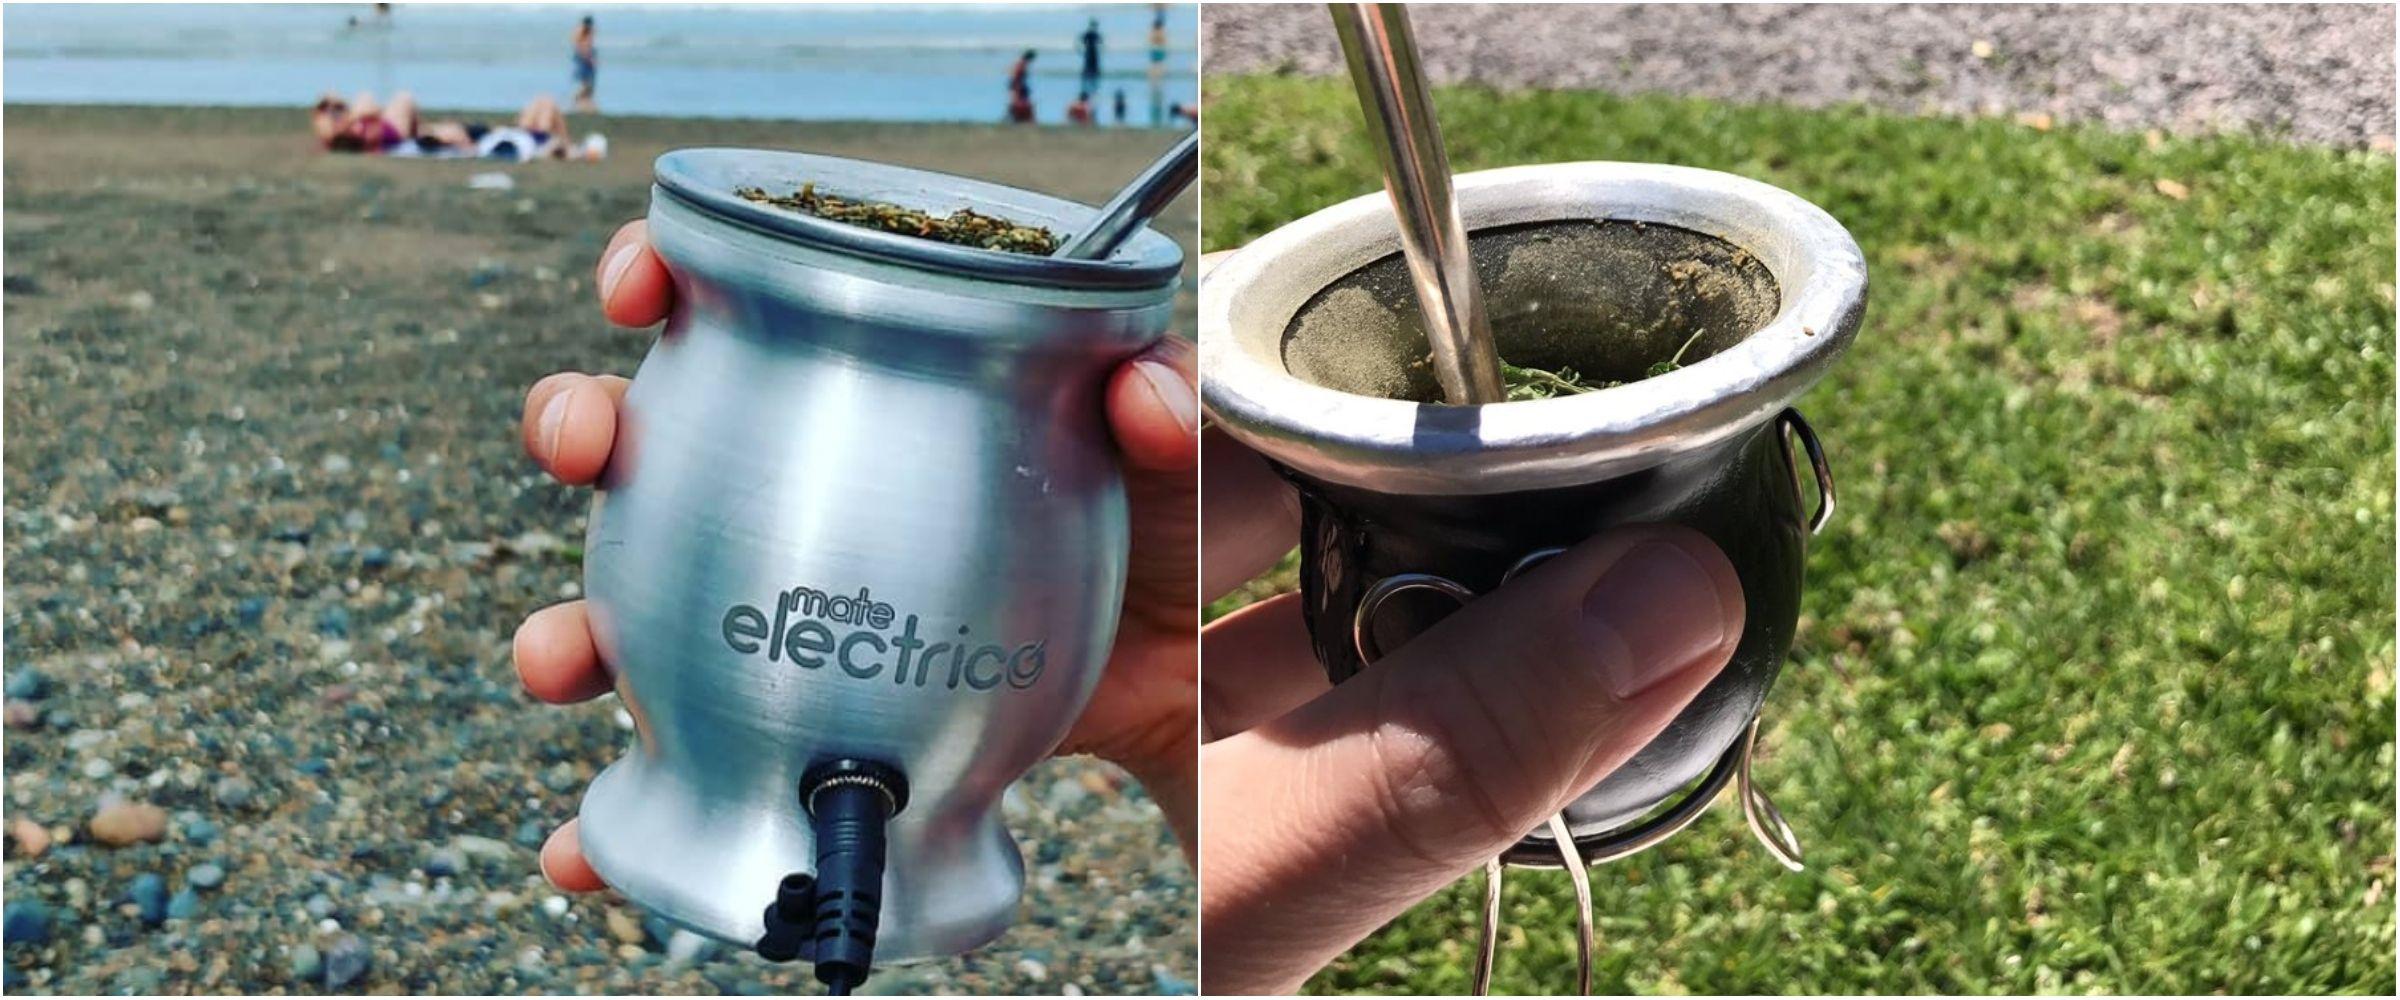 Mate eléctrico y mate calabaza: moderno vs. tradicional